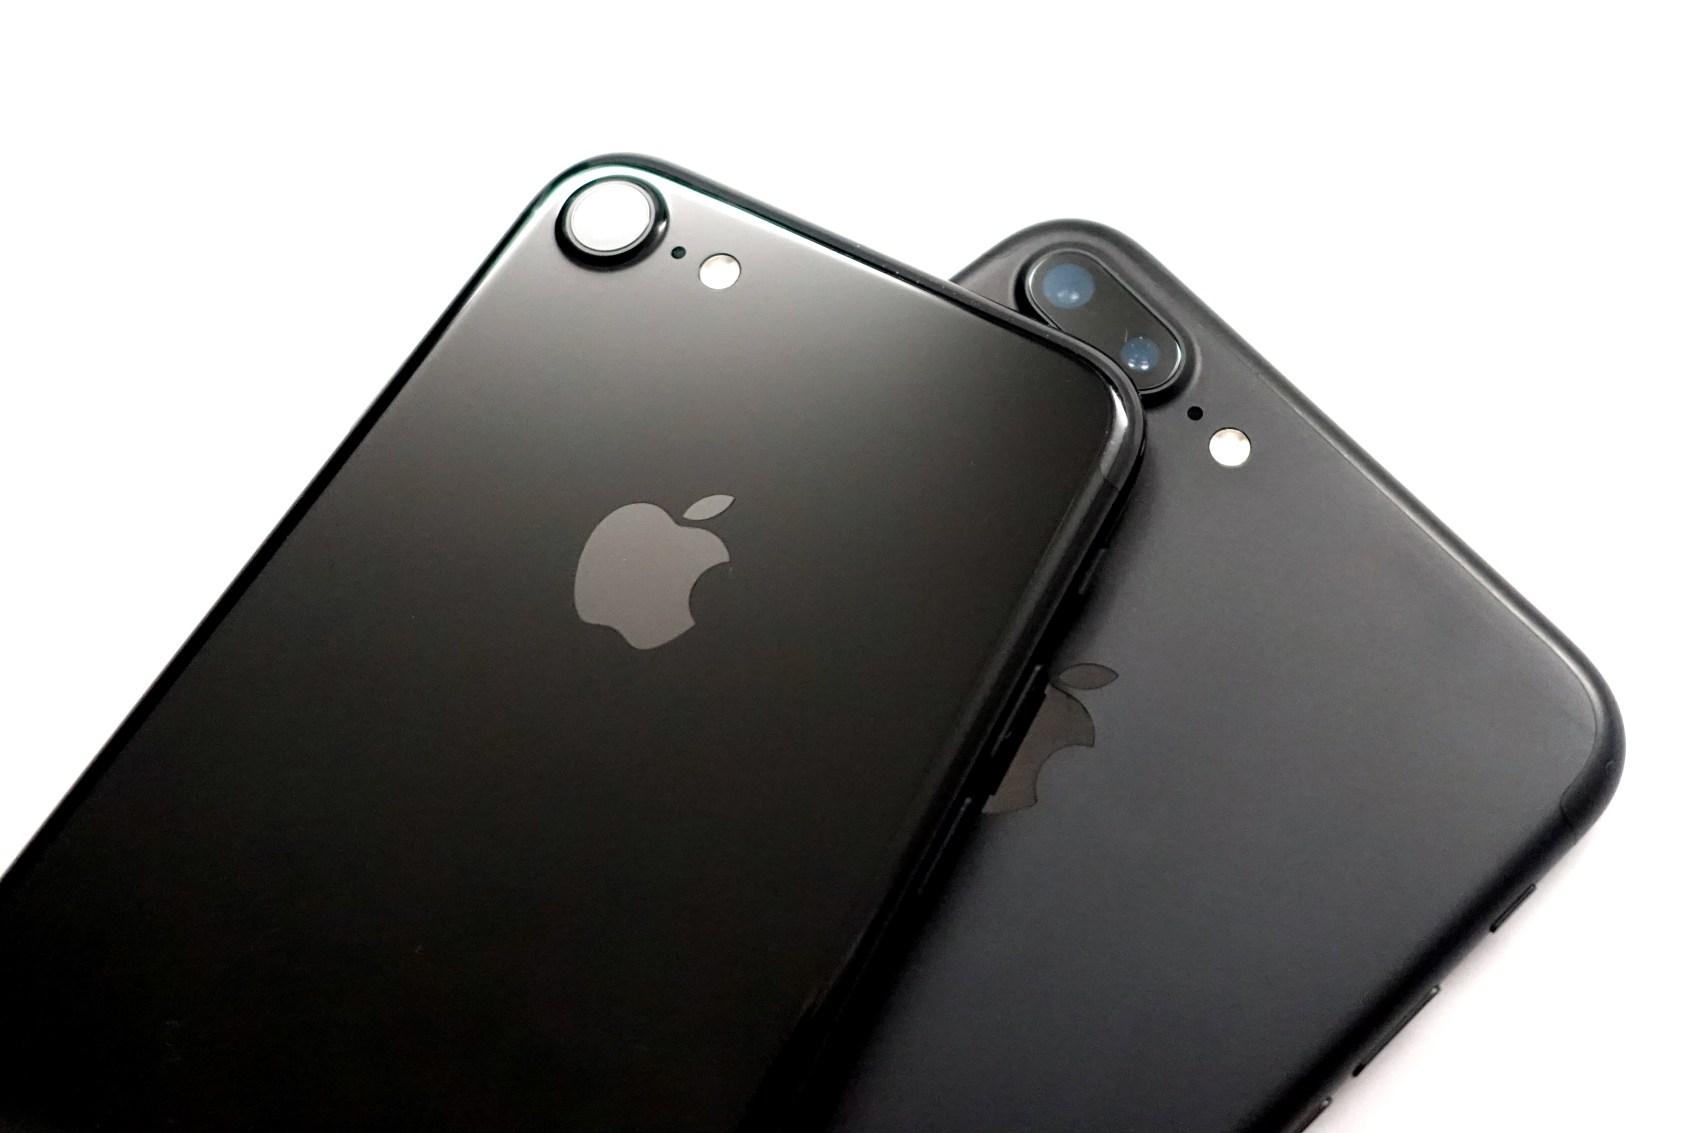 Kết quả hình ảnh cho iPhone 7 iOS 12 Beta 2: Impressions & Performance